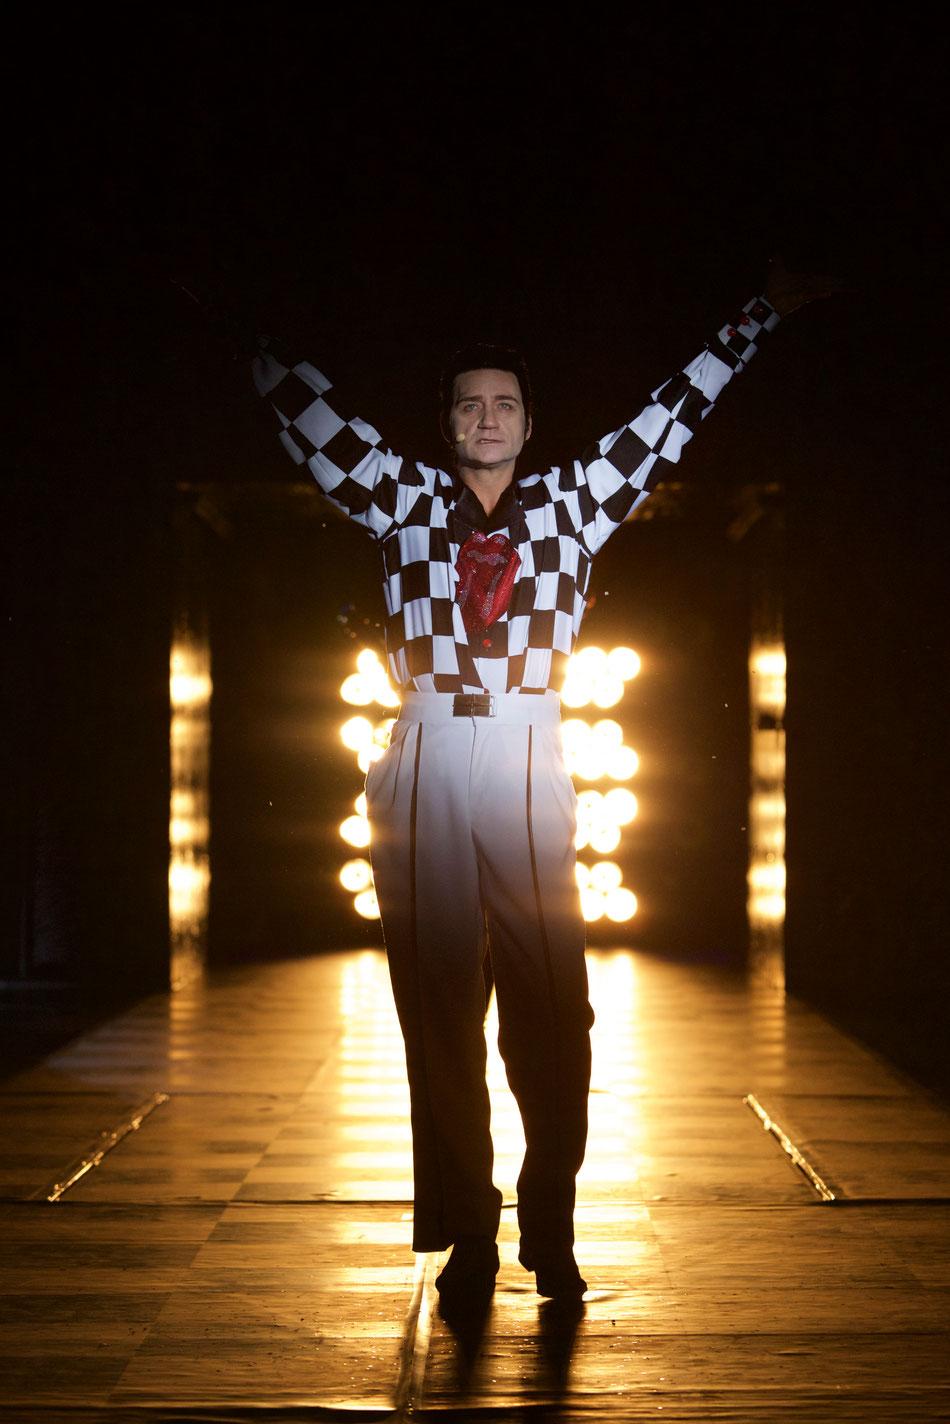 BUSSI - DAS MUNICAL Musical – Uraufführung am 4. Juli in der Reithalle  THOSE CRAZY MUNICH EIGHTIES von Thomas Hermanns mit den größten Hits der Neuen Deutschen Welle  16. Juni 2015  Wir laden Sie herzlich ein zur Uraufführung BUSSI - DAS MUNICAL von Thom